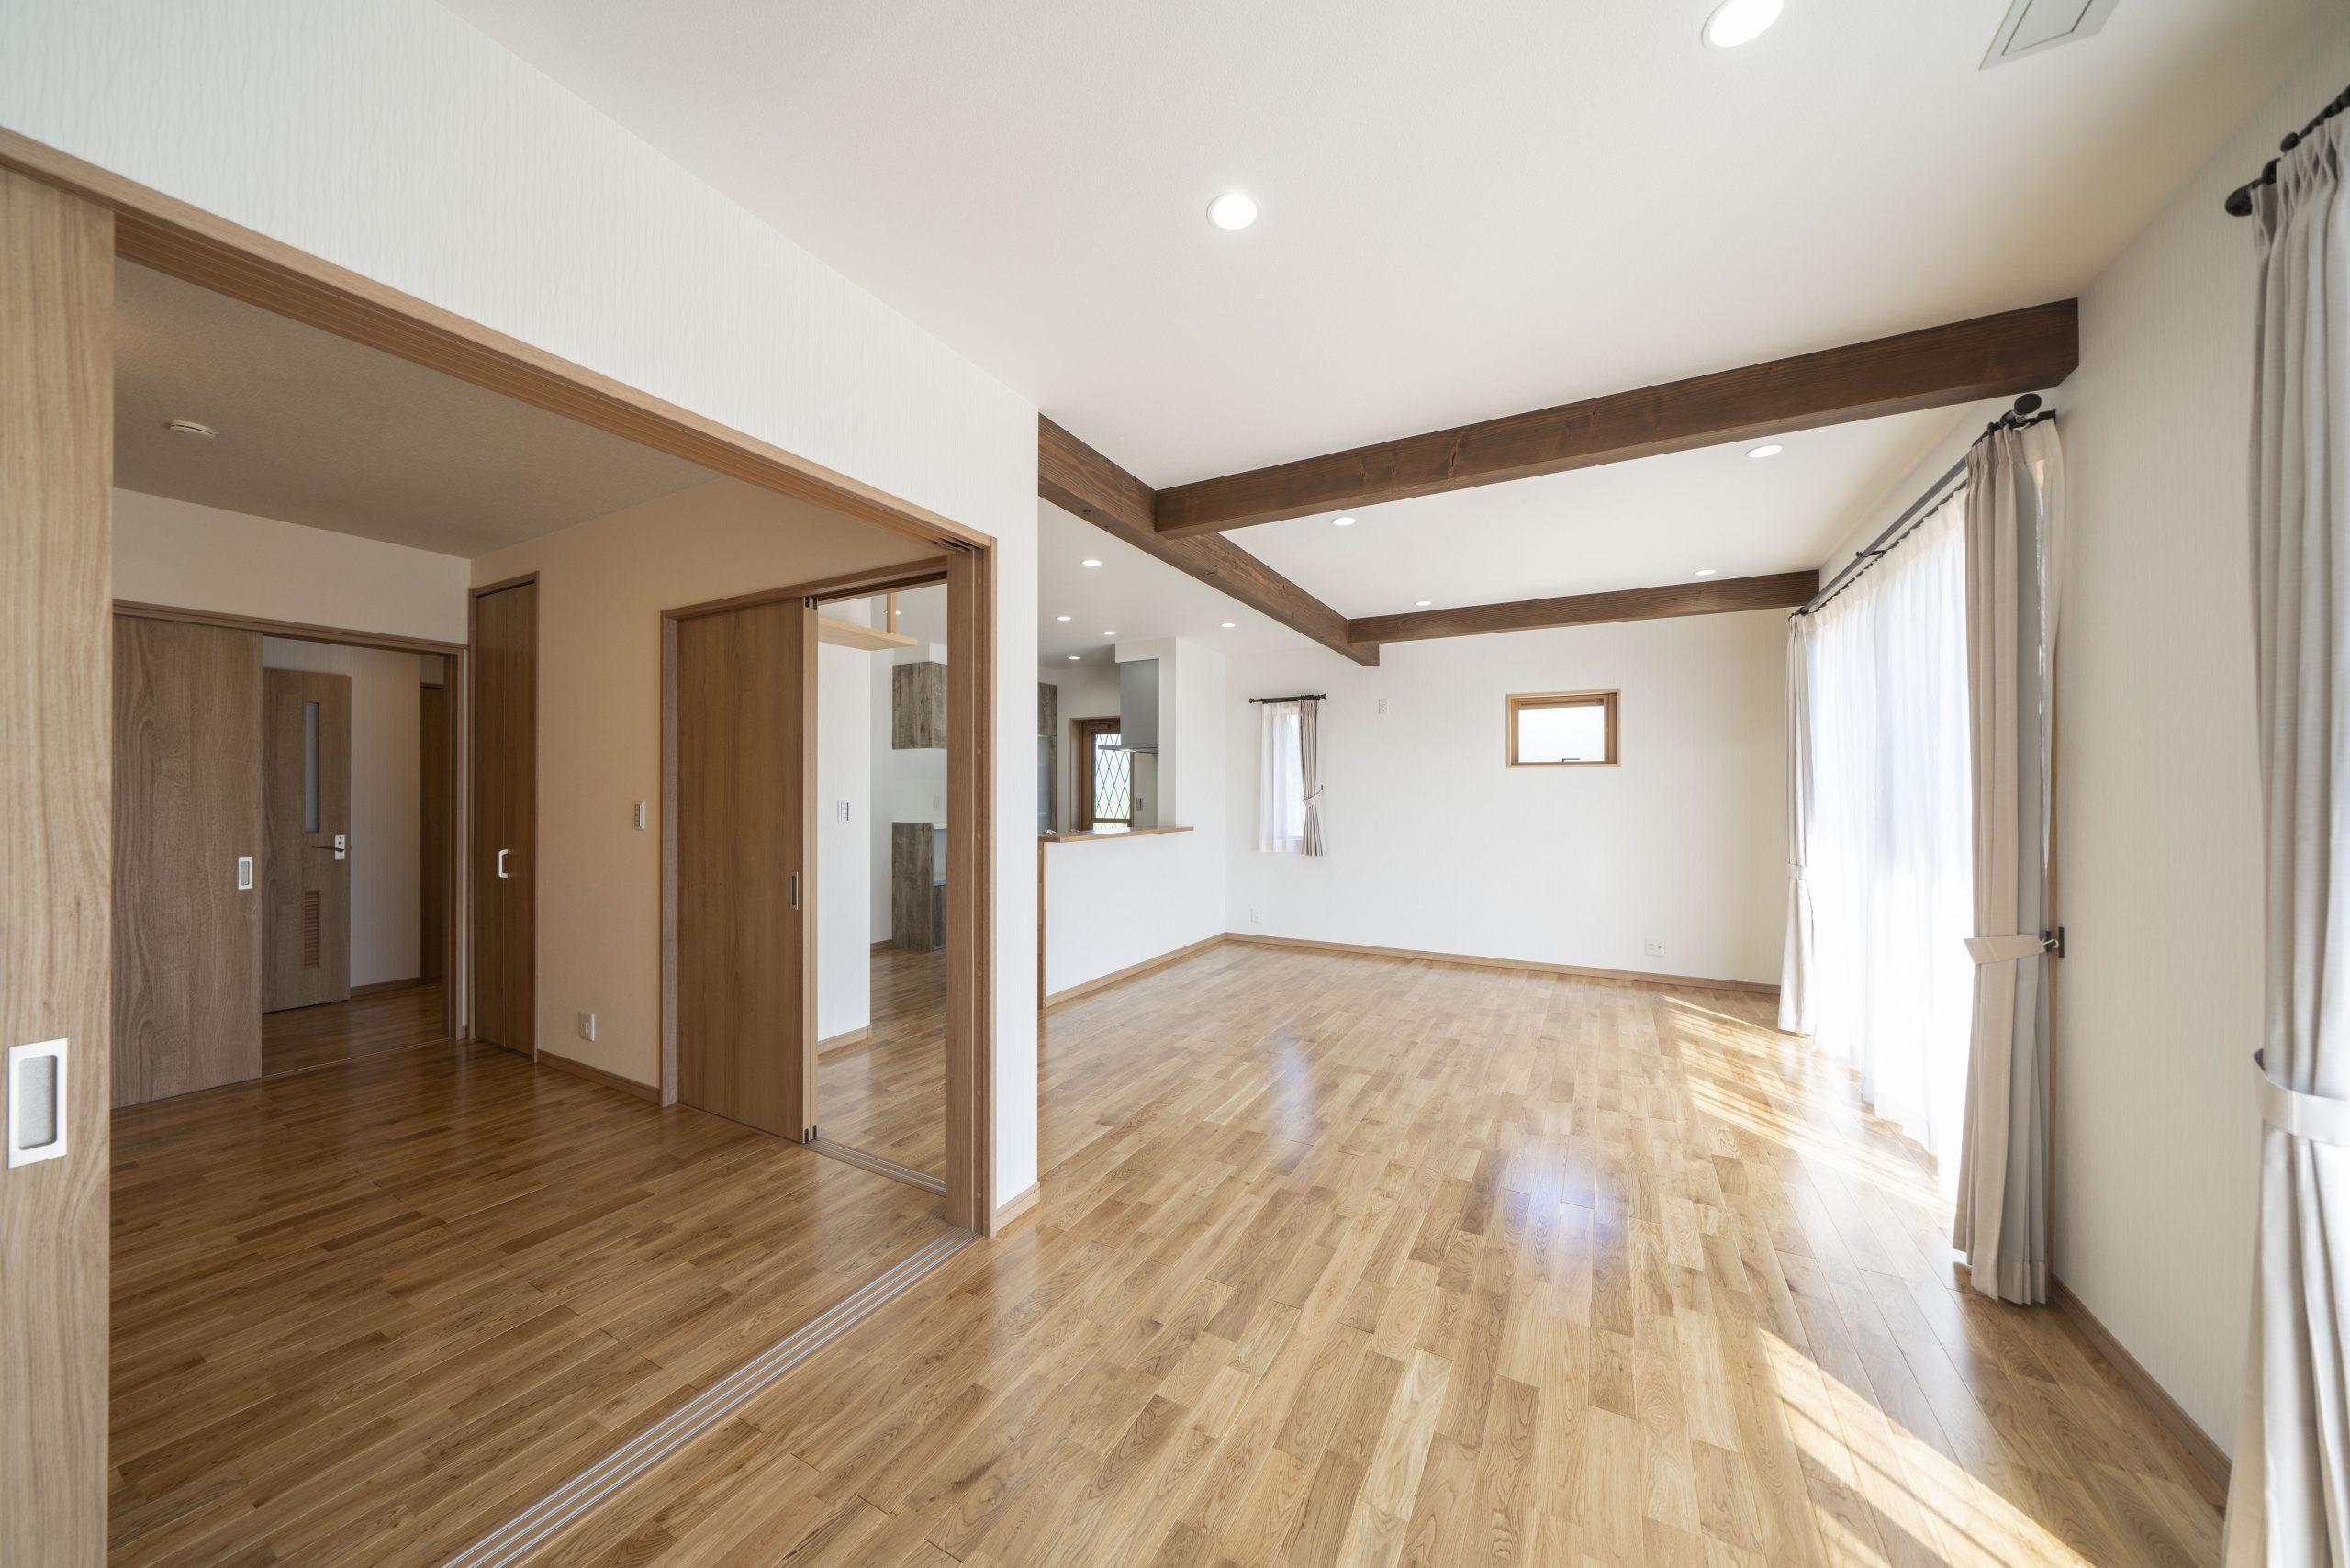 平屋の建築実例:引き戸の間仕切りを開放して大空間に